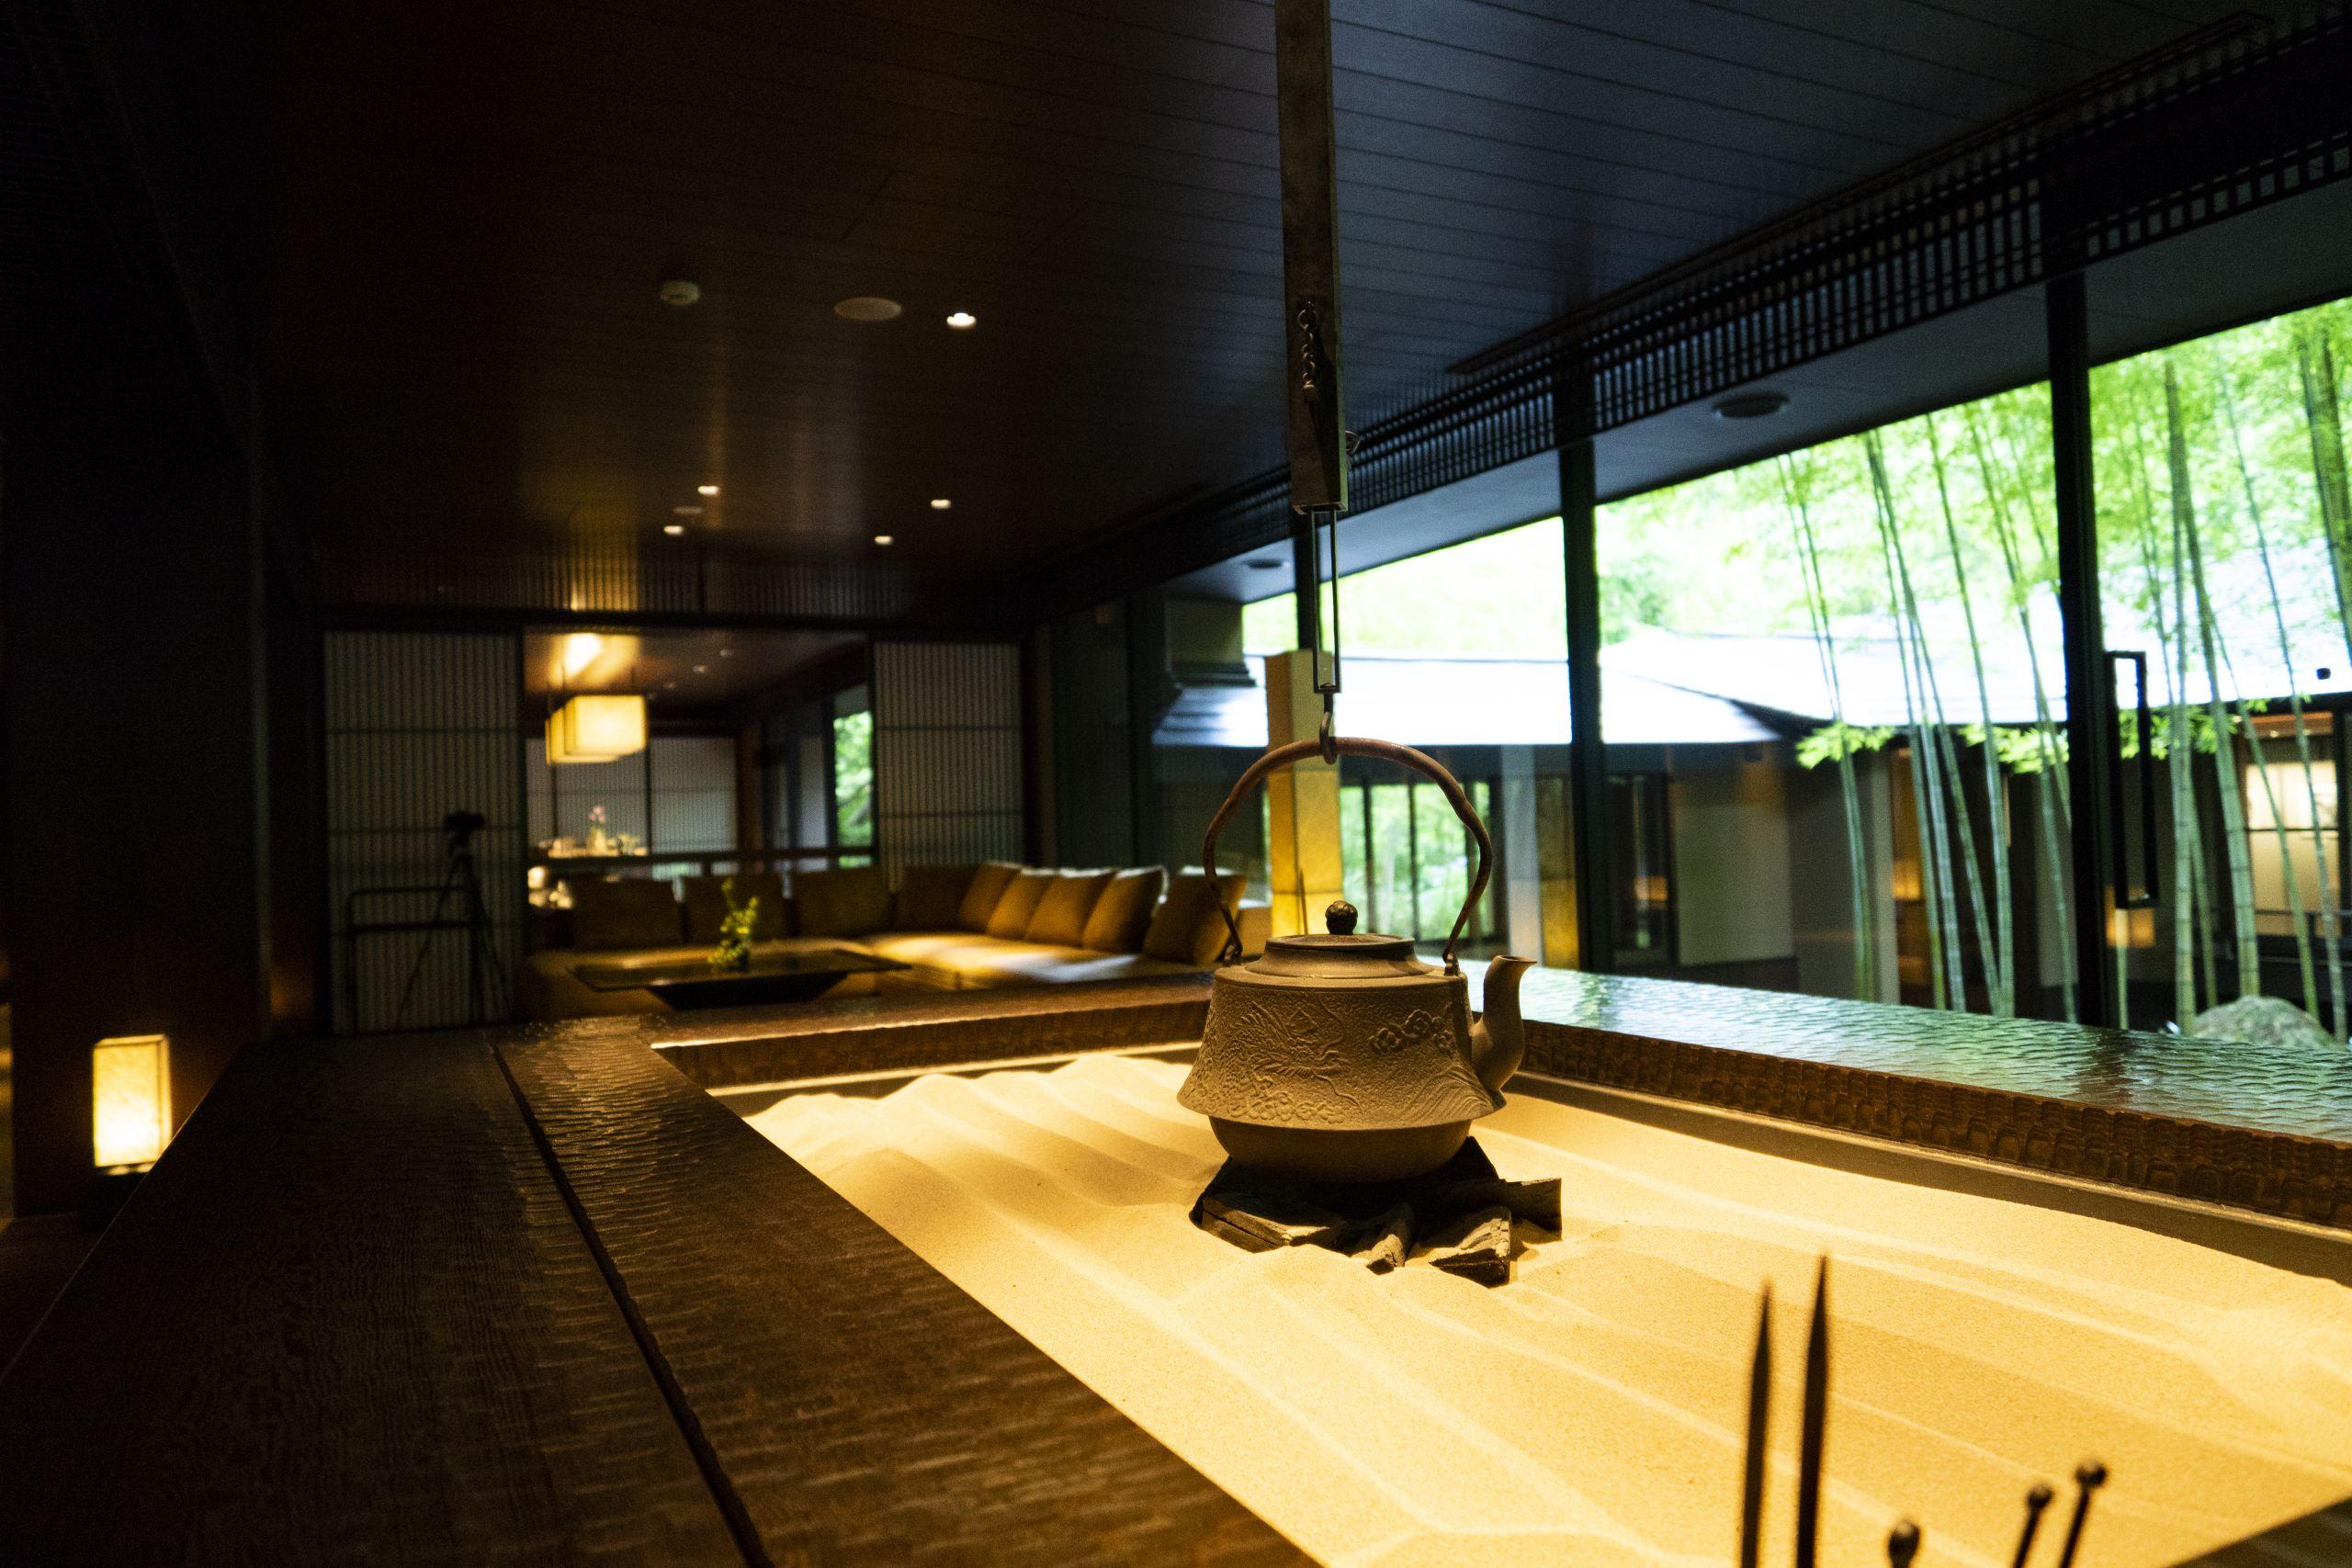 ชิคุเซนโซ ซาโอ้ รีสอร์ท แอนด์ สปา(Chikusenso Mt.Zao Onsen Resort & Spa)